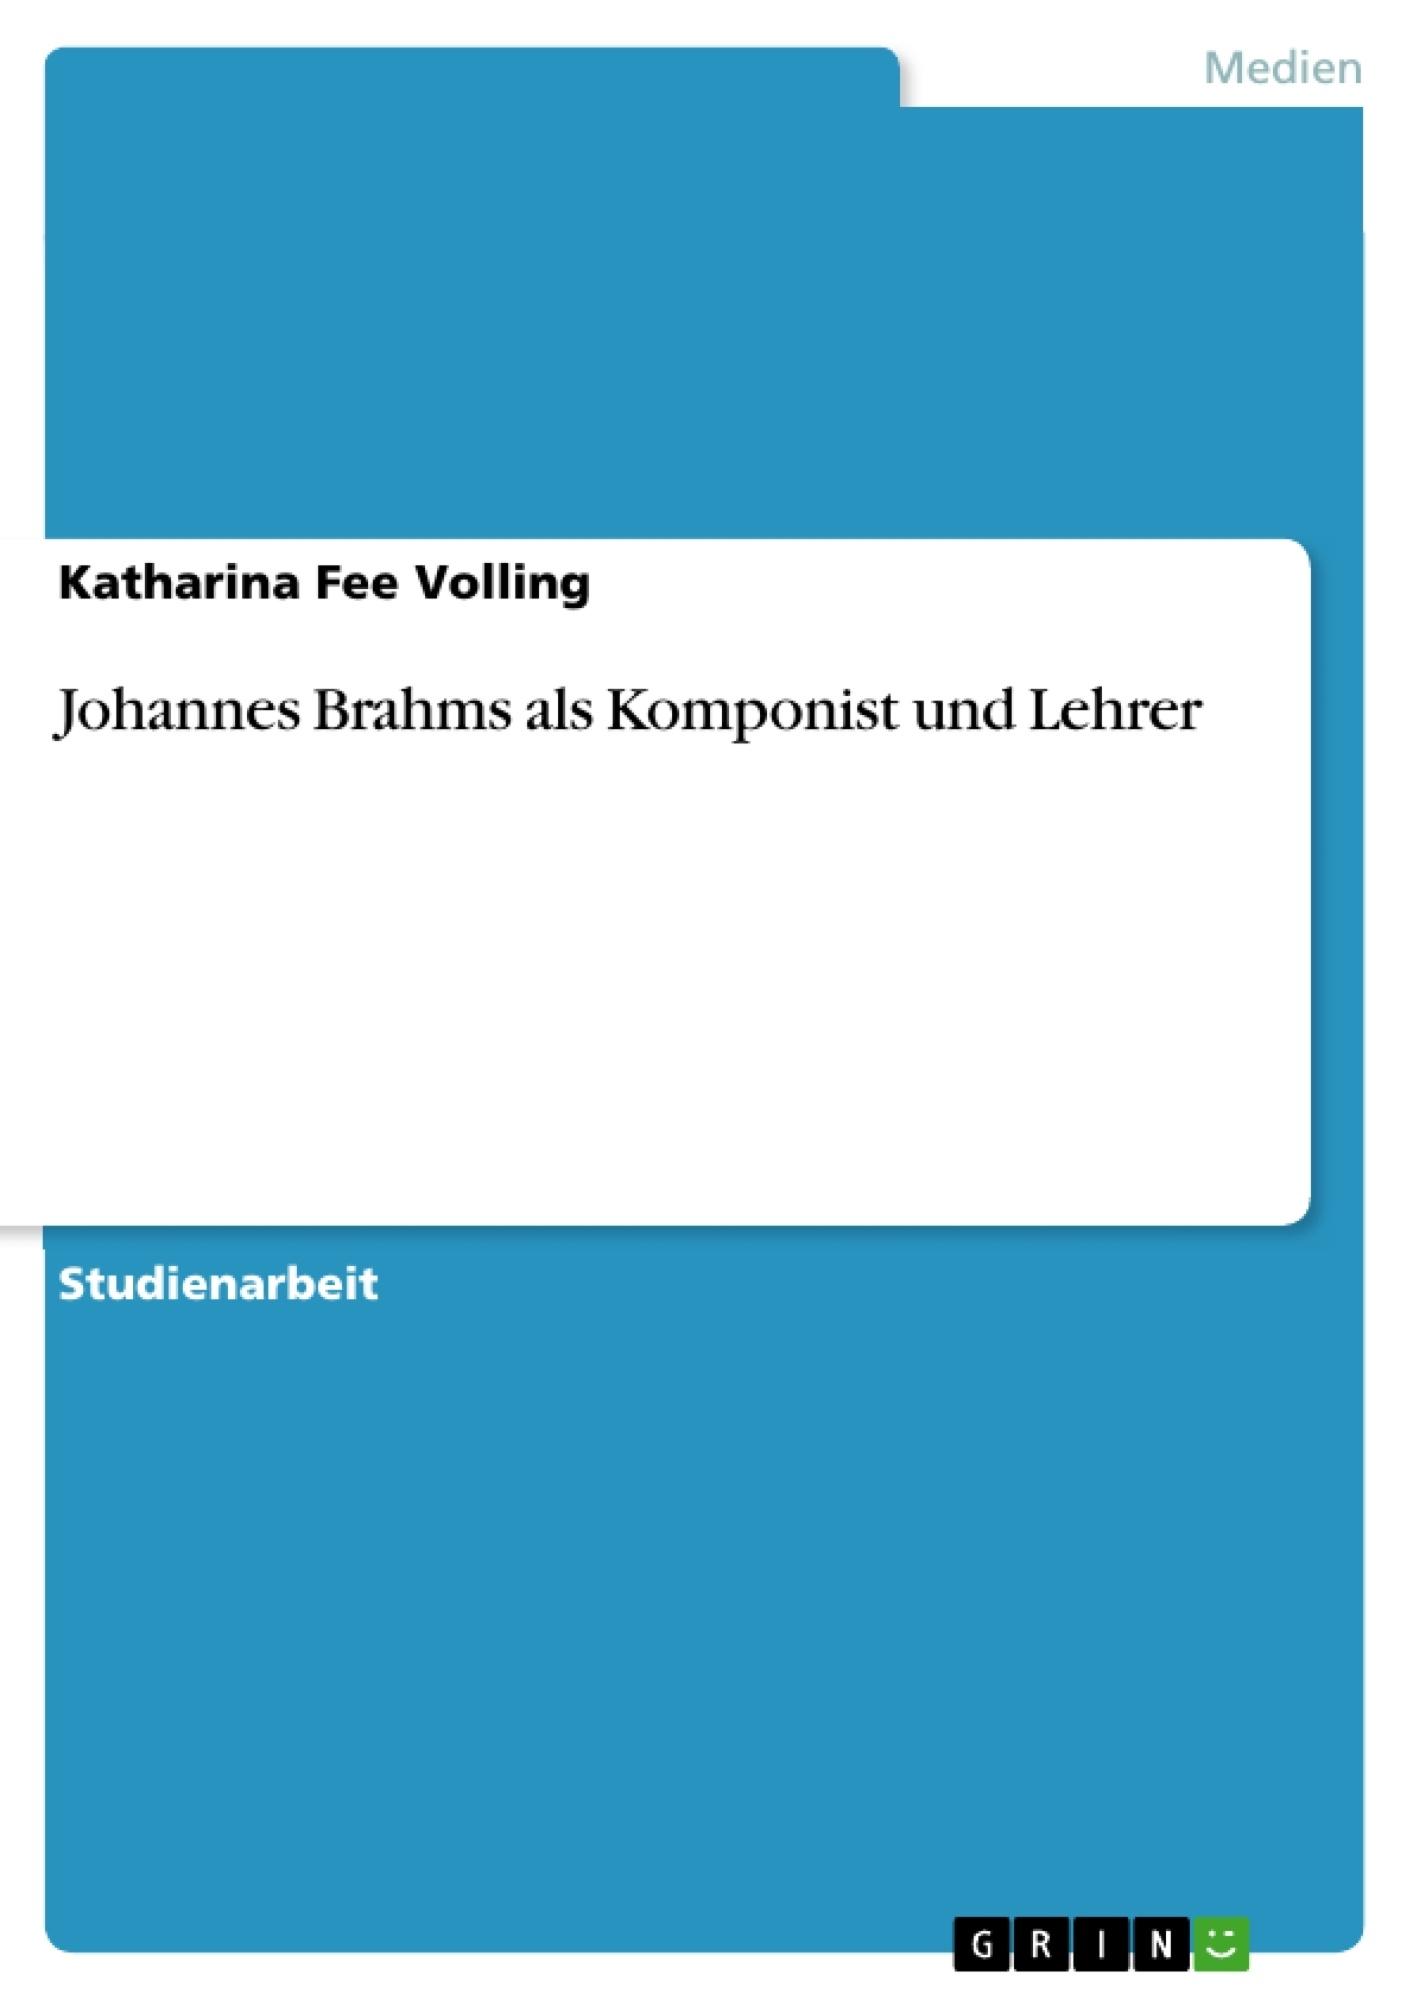 Titel: Johannes Brahms als Komponist und Lehrer